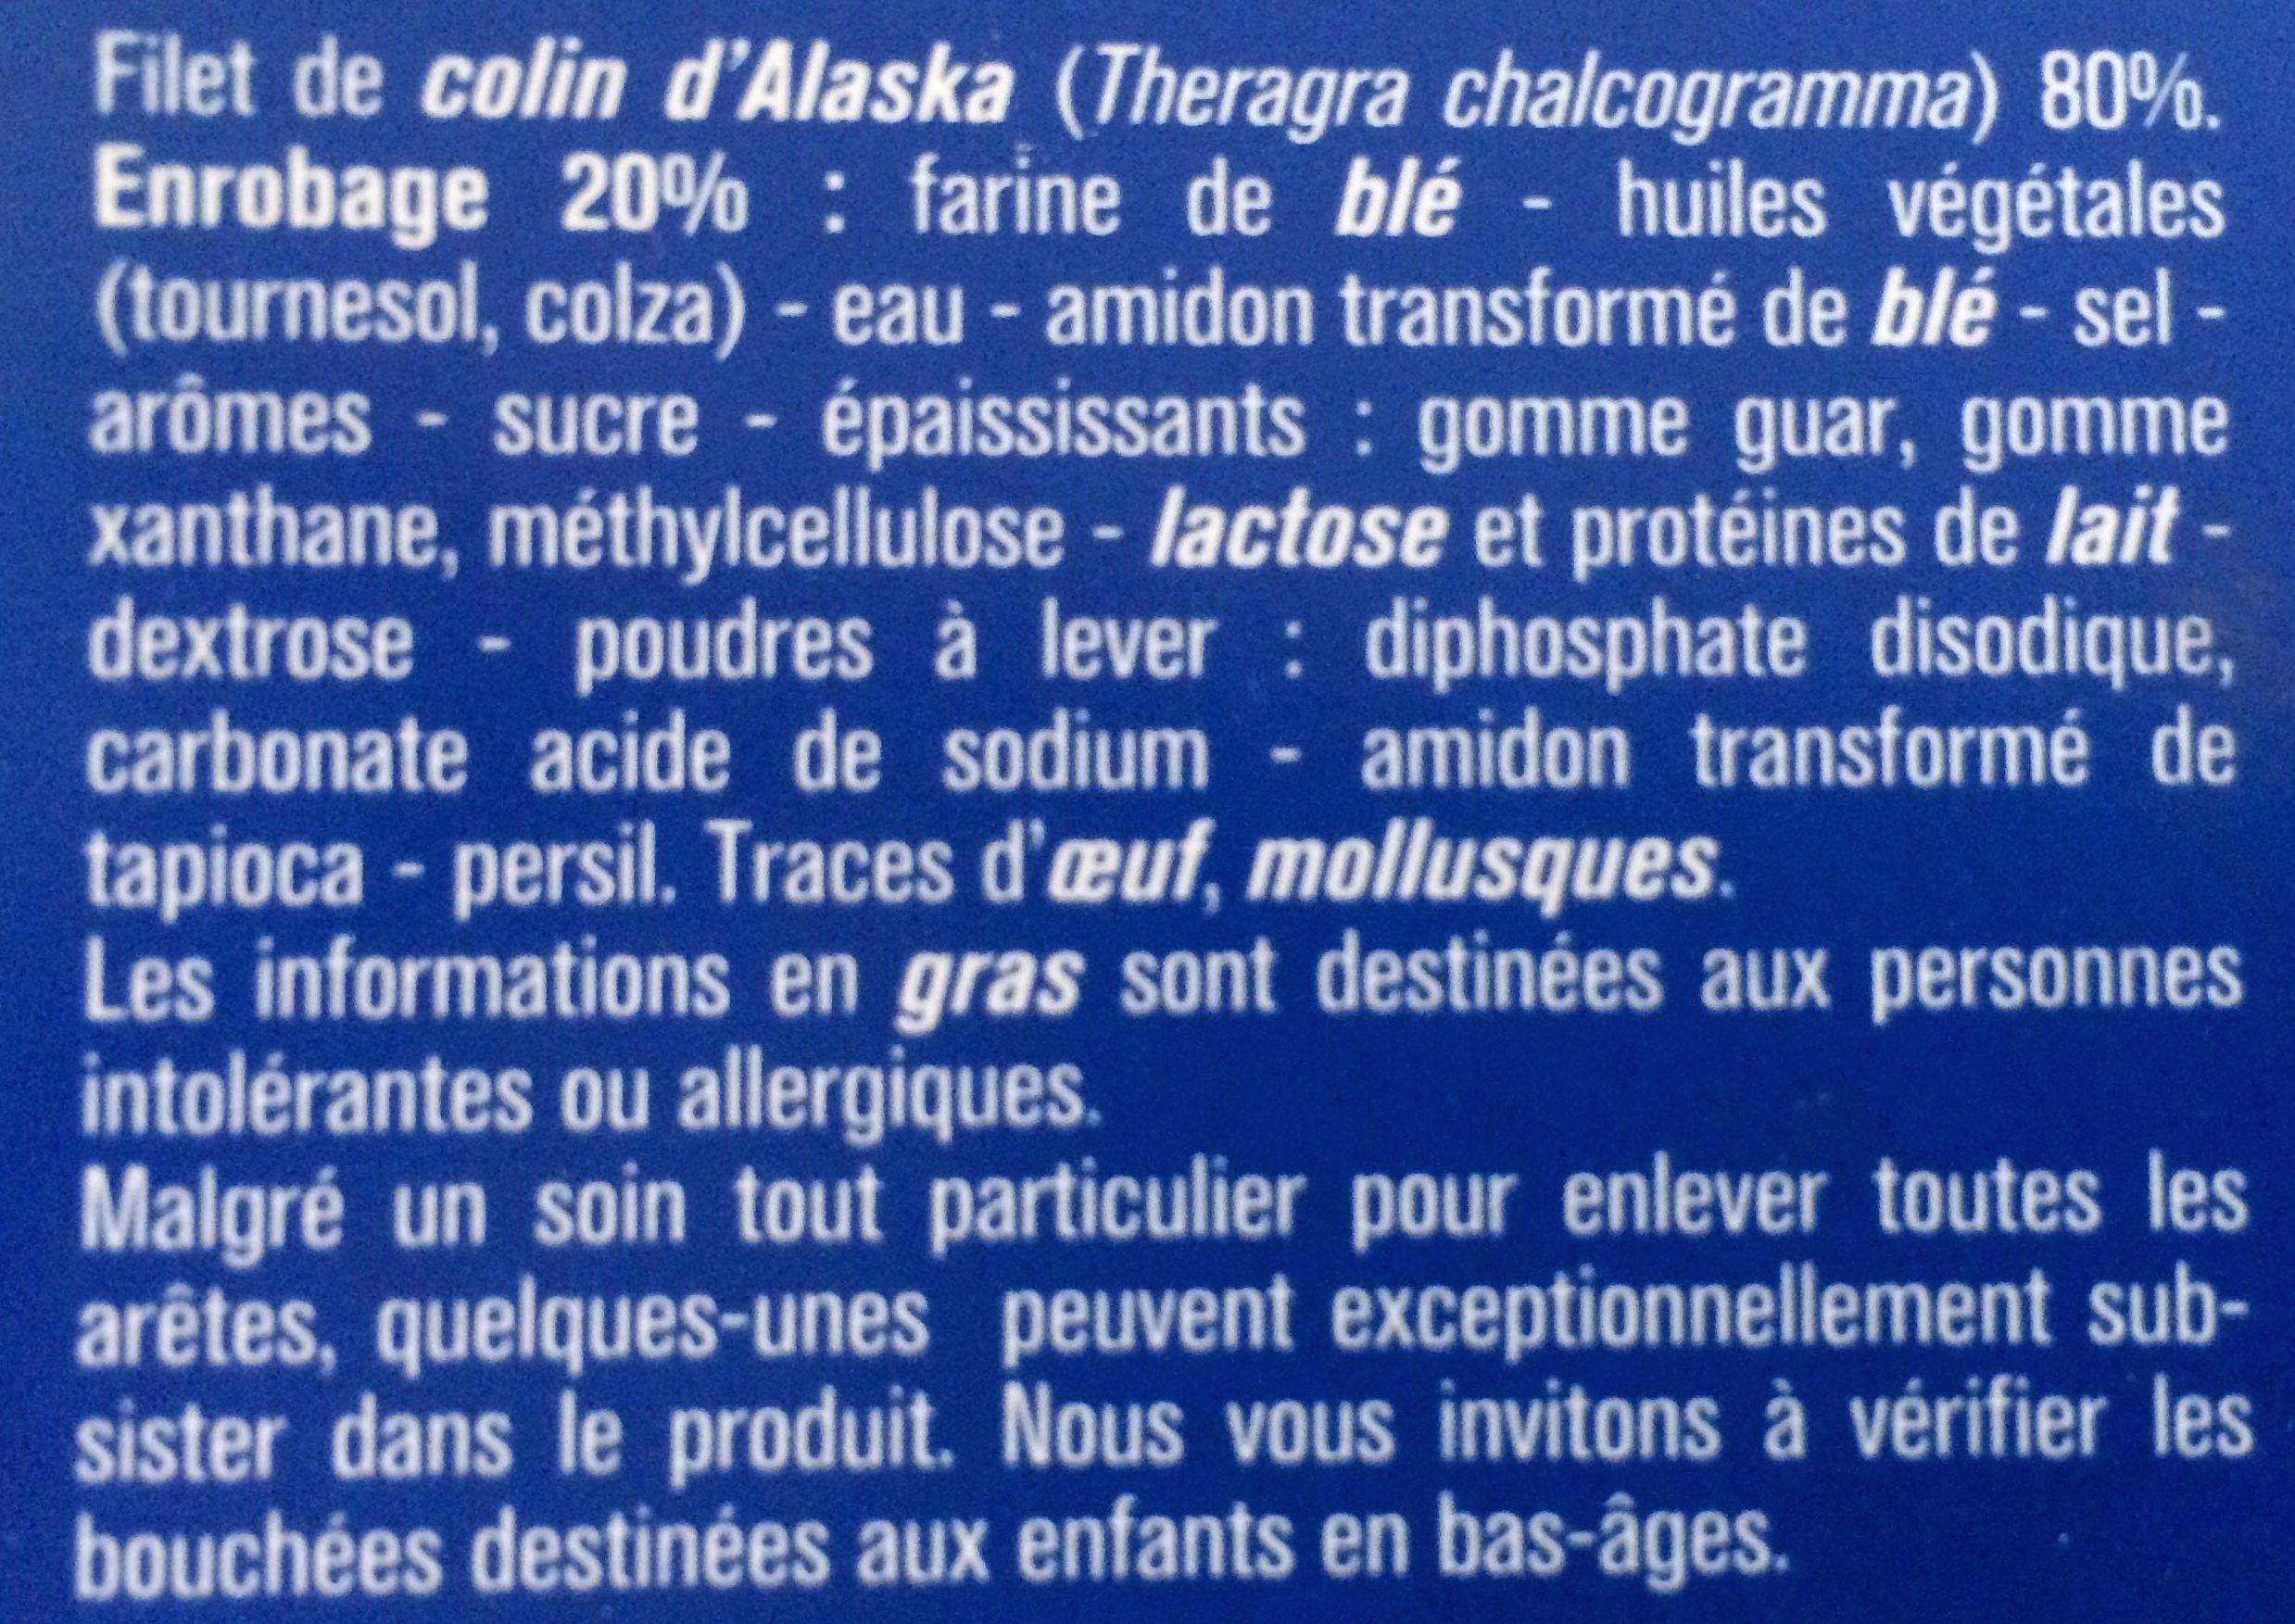 Filets meunière préfrits de colin d'Alaska - Ingredients